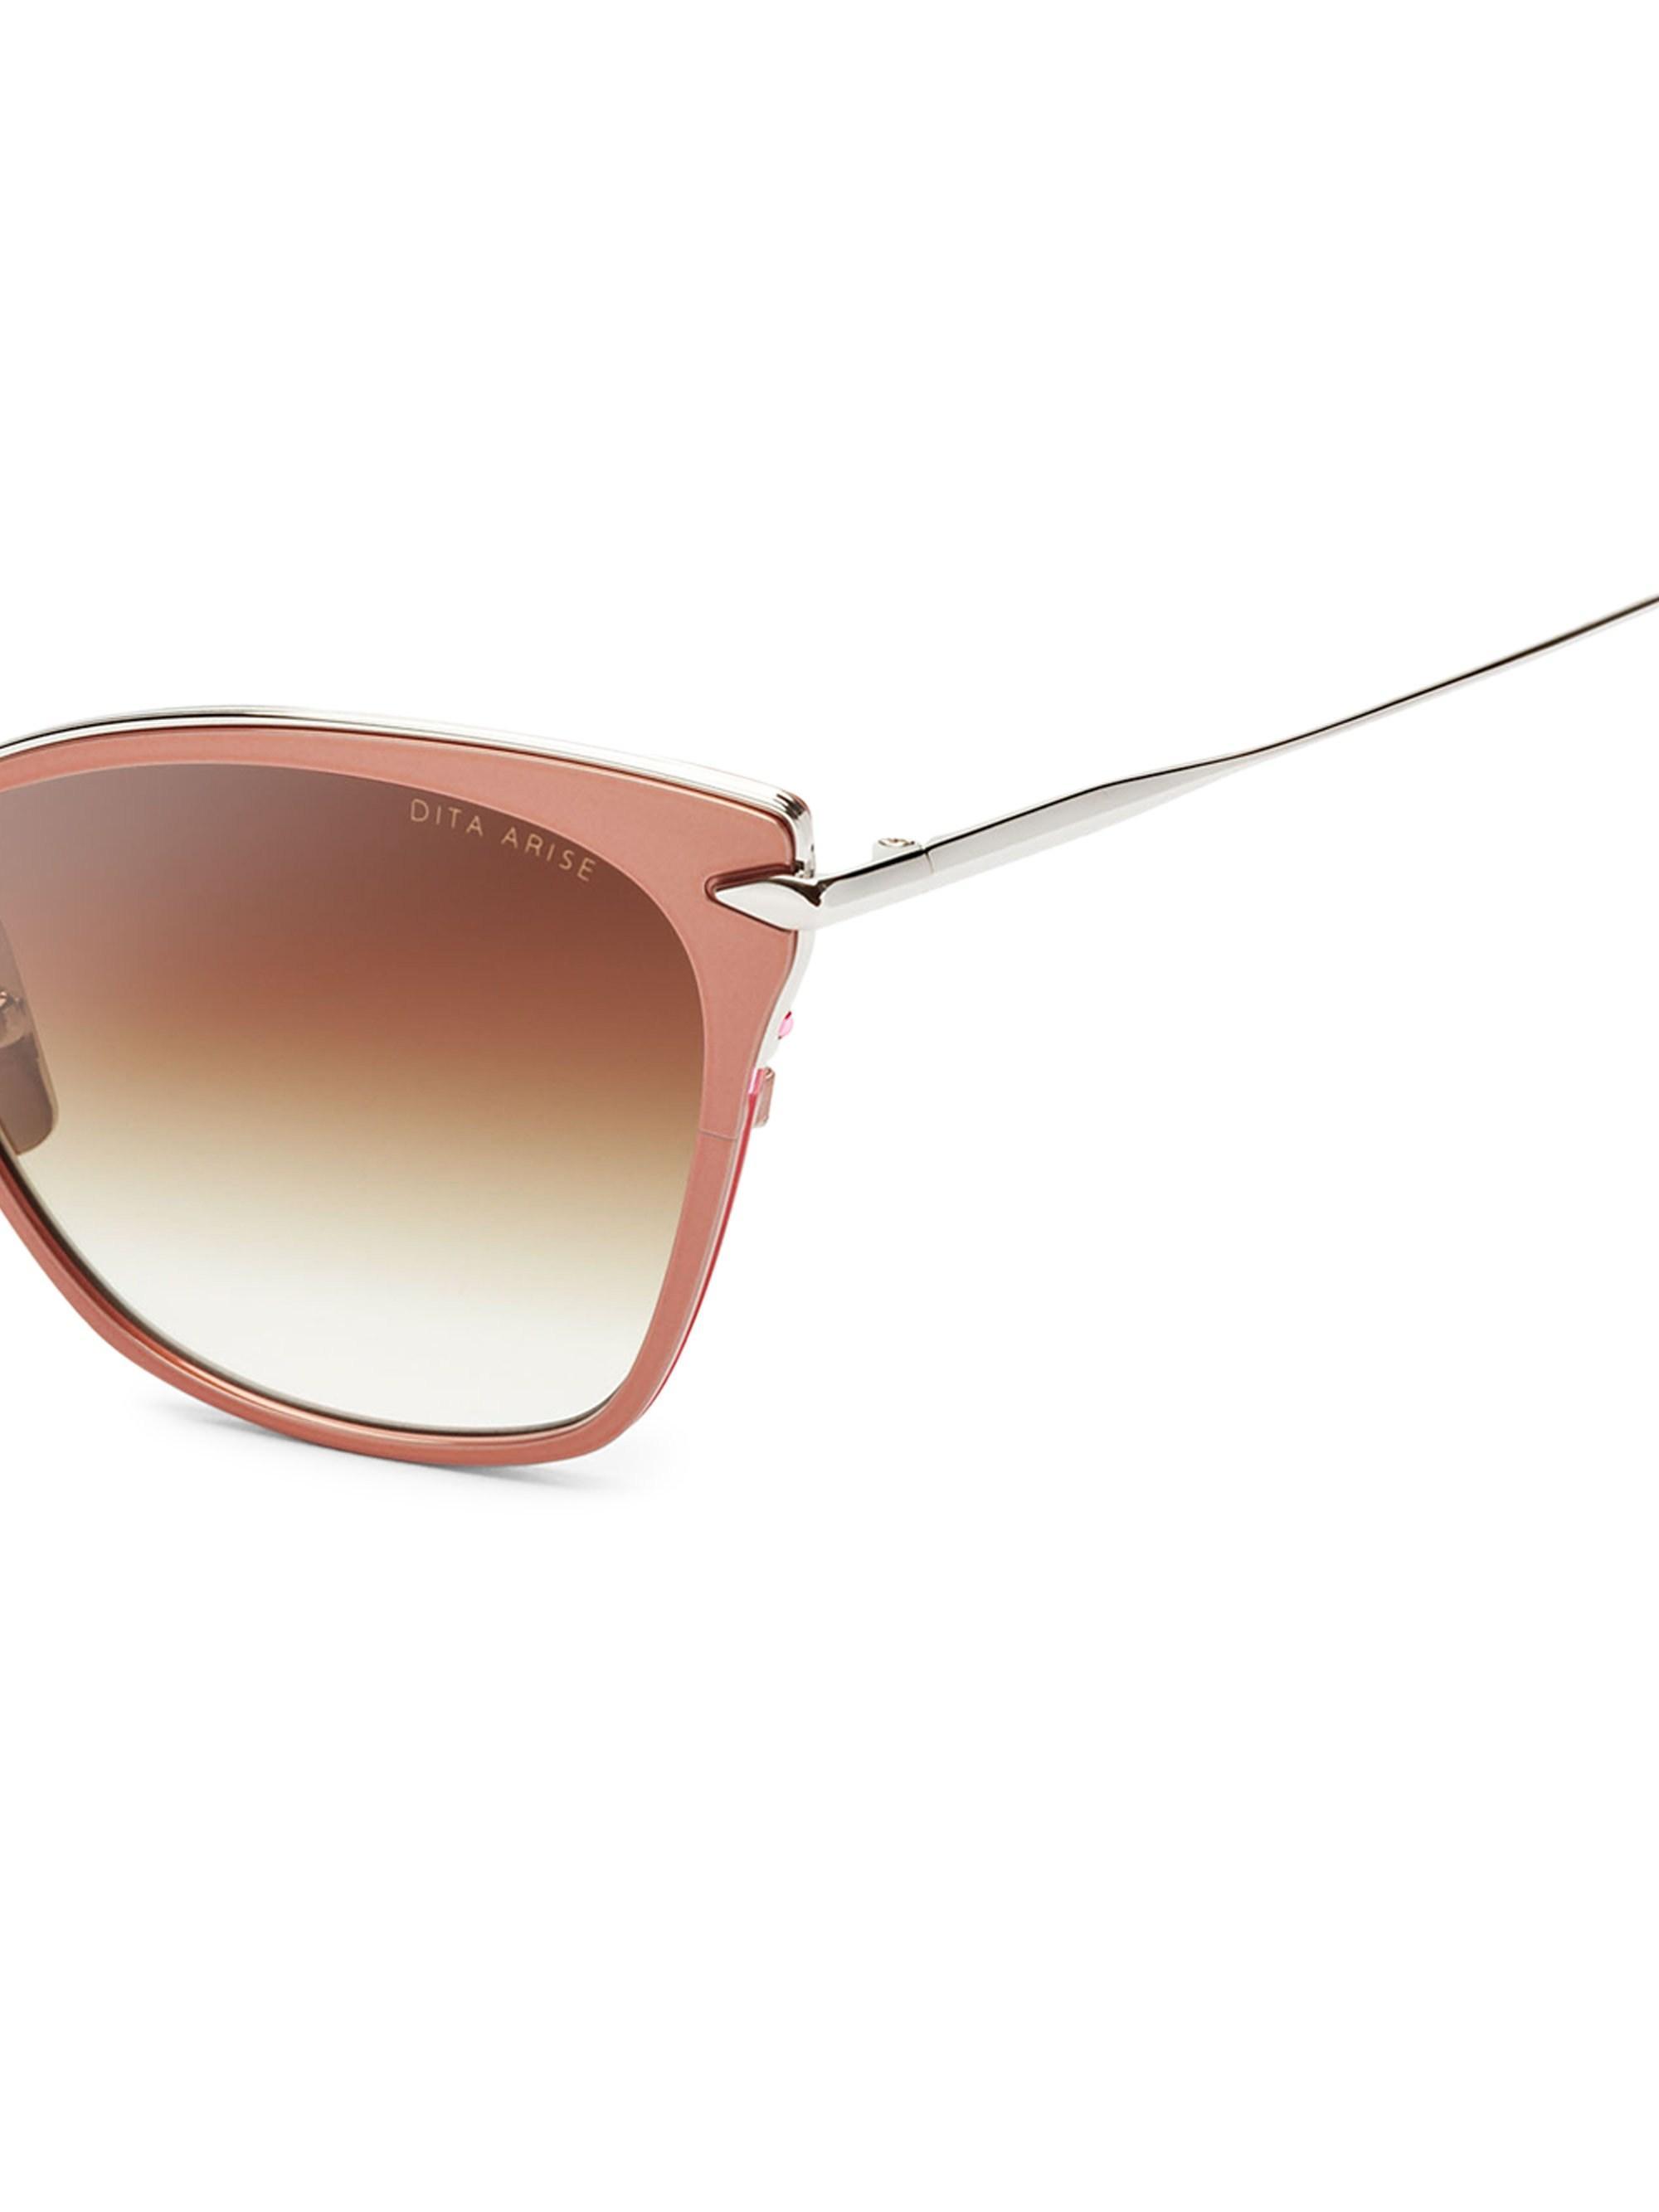 7a4678529323 Dita Eyewear - Multicolor Arise 54mm Cat-eye Sunglasses - Lyst. View  fullscreen